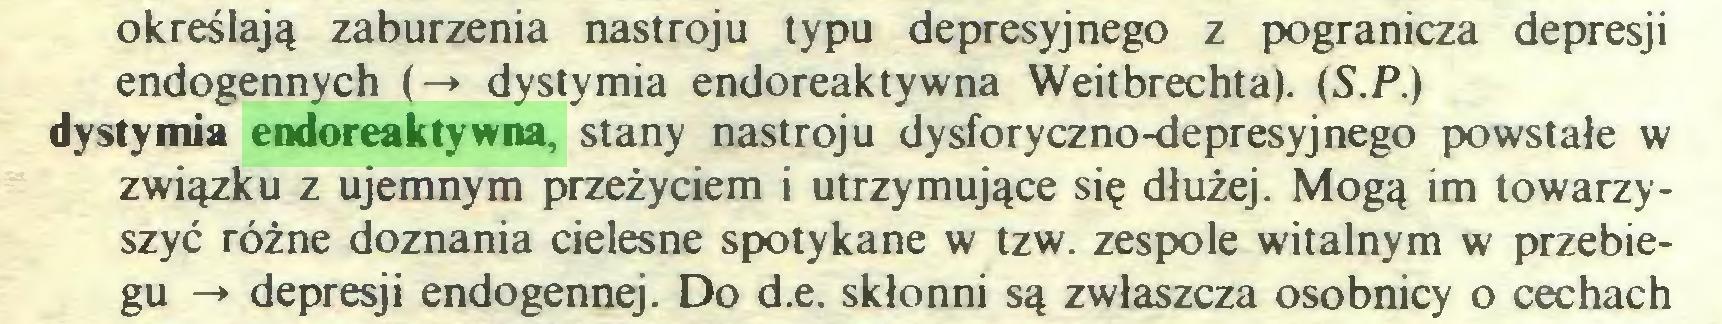 (...) określają zaburzenia nastroju typu depresyjnego z pogranicza depresji endogennych (-* dystymia endoreaktywna Weitbrechta). (S.P.) dystymia endoreaktywna, stany nastroju dysforyczno-depresyjnego powstałe w związku z ujemnym przeżyciem i utrzymujące się dłużej. Mogą im towarzyszyć różne doznania cielesne spotykane w tzw. zespole witalnym w przebiegu -*• depresji endogennej. Do d.e. skłonni są zwłaszcza osobnicy o cechach...